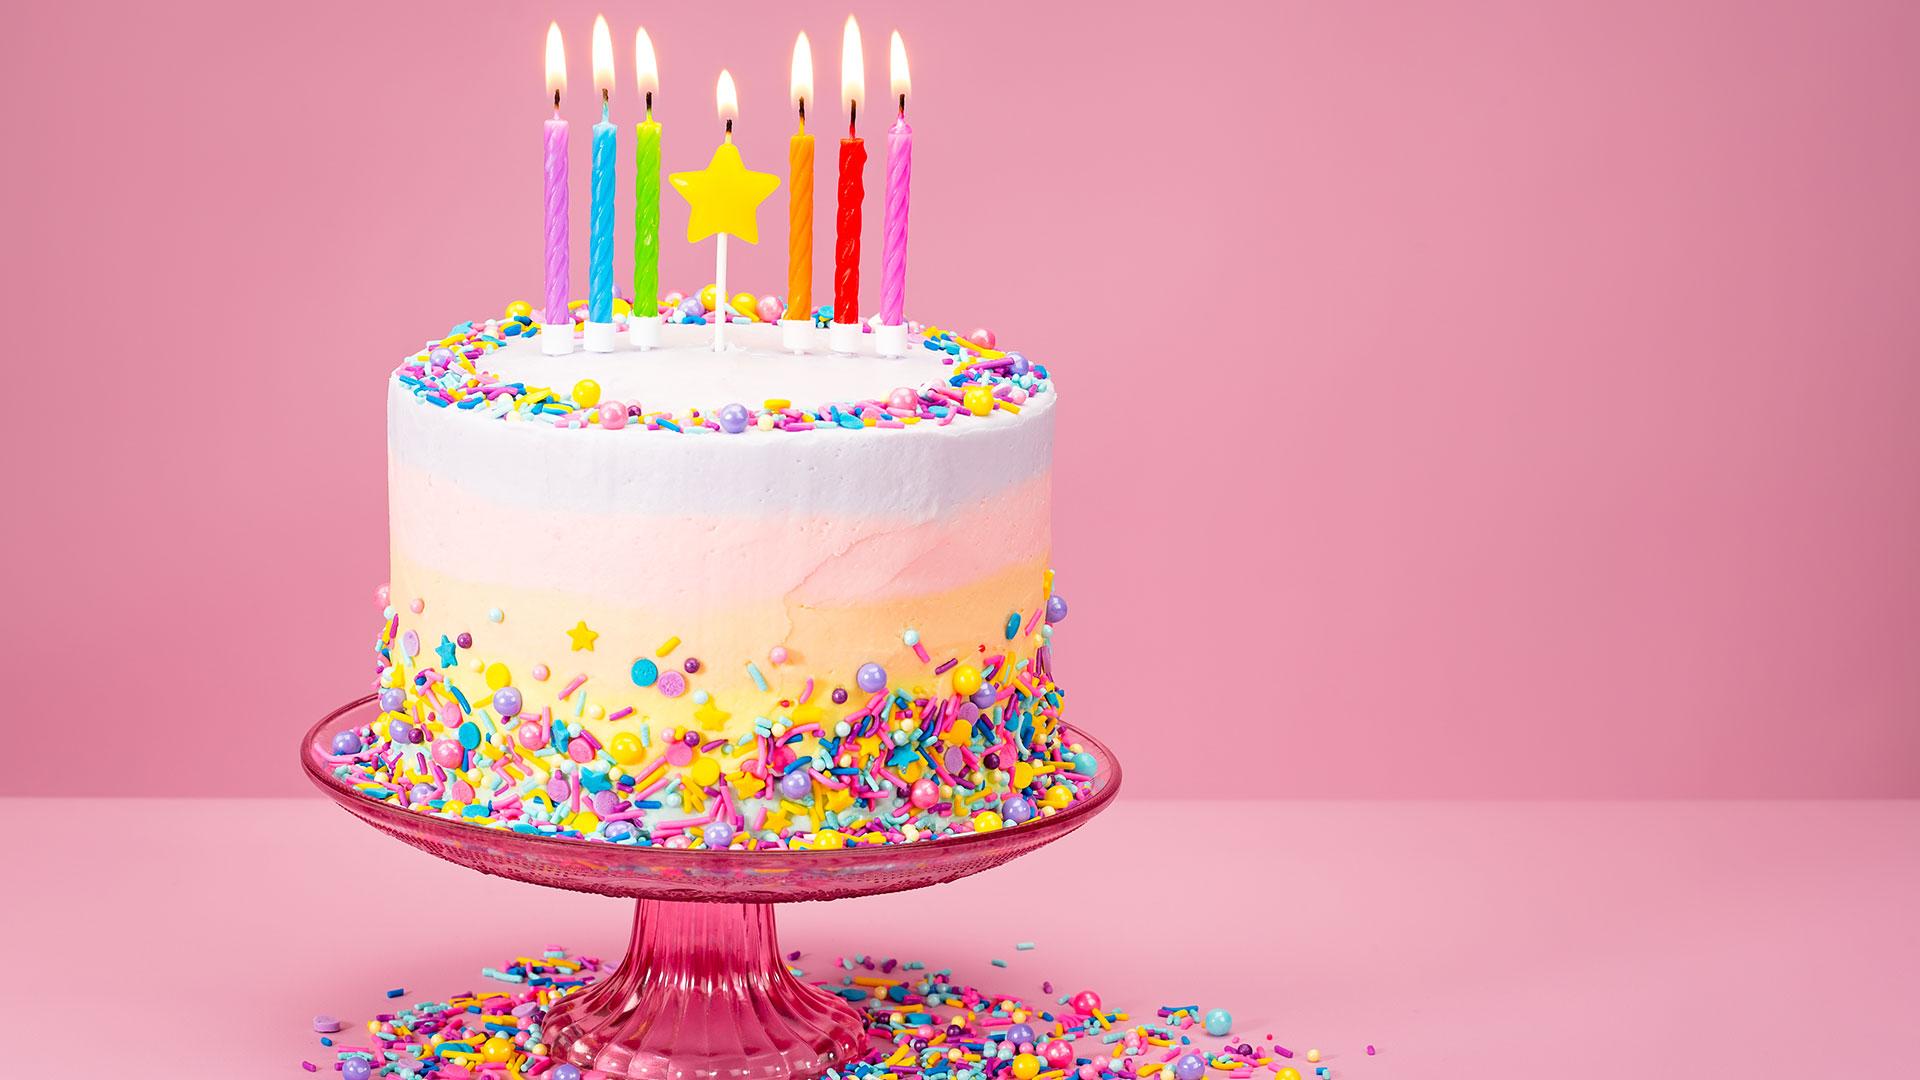 C'est une idée originale cadeau grand mère 80 ans à faire votre gâteau d'anniversaire vous-même